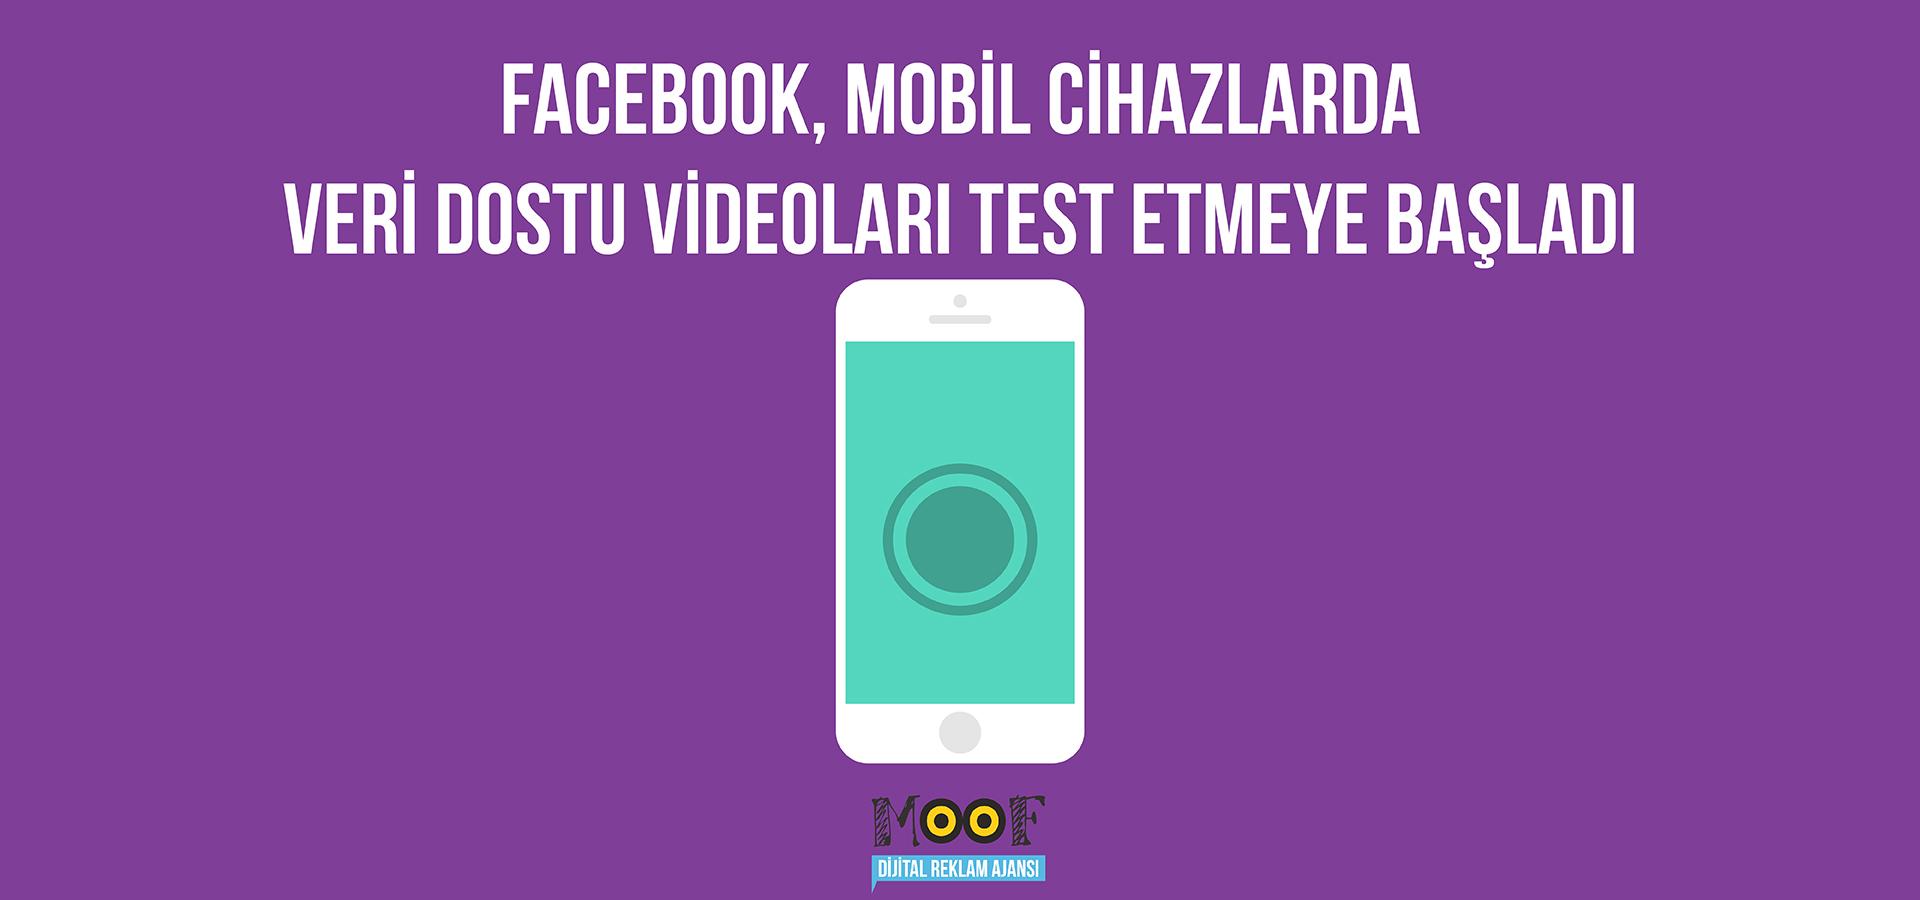 Facebook, Mobil Cihazlarda Veri Dostu Videoları Test Etmeye Başladı